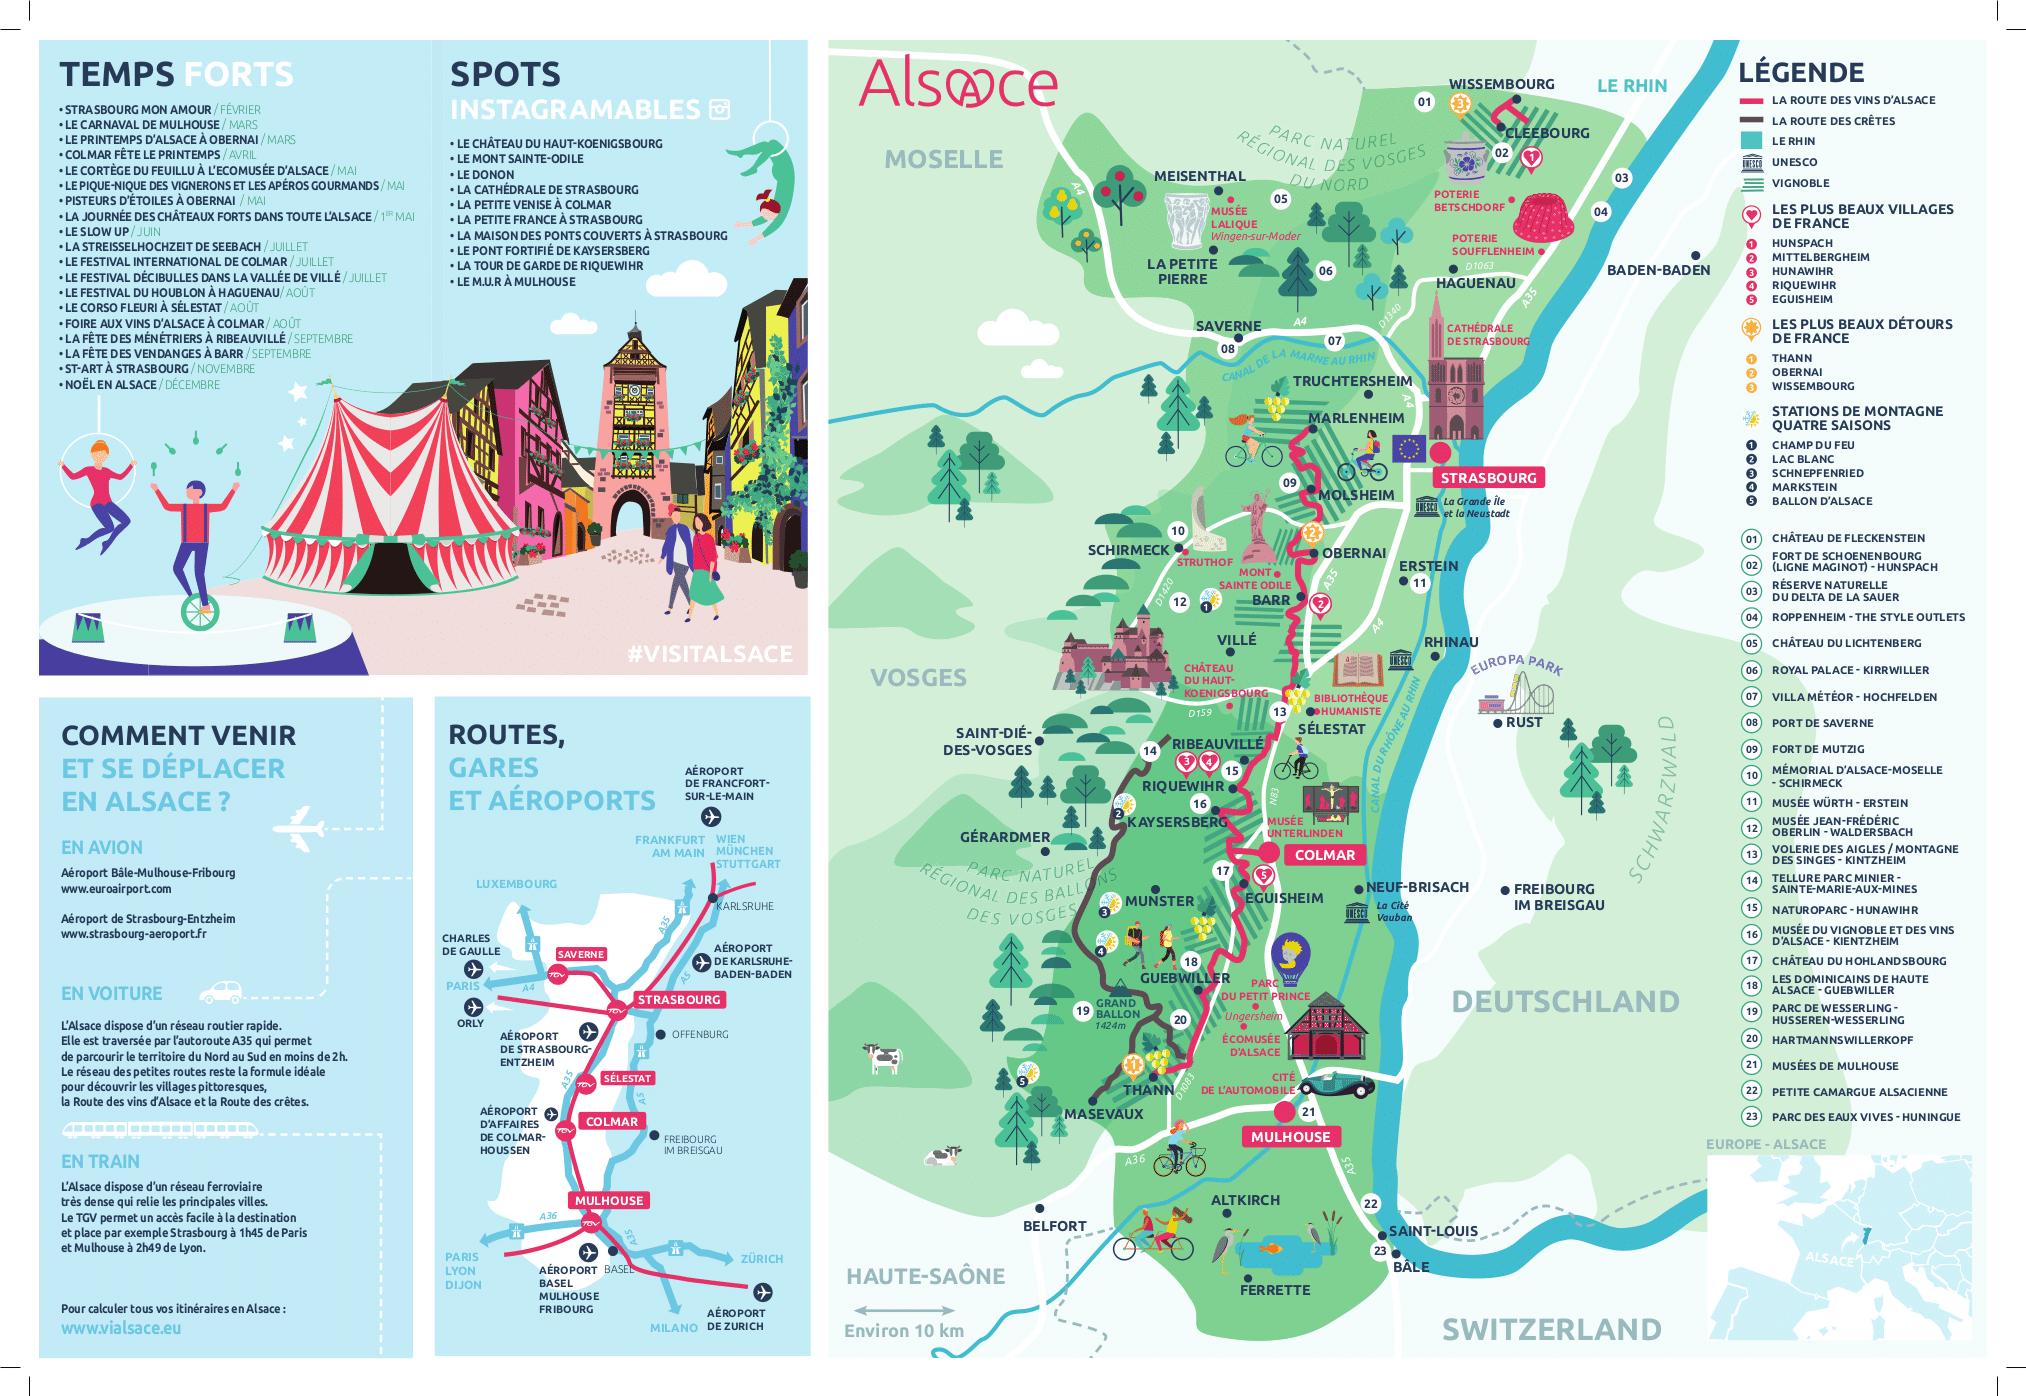 carte de l alsace touristique Quand la carte fait débat au lieu de l'inverse | Etourisme.info